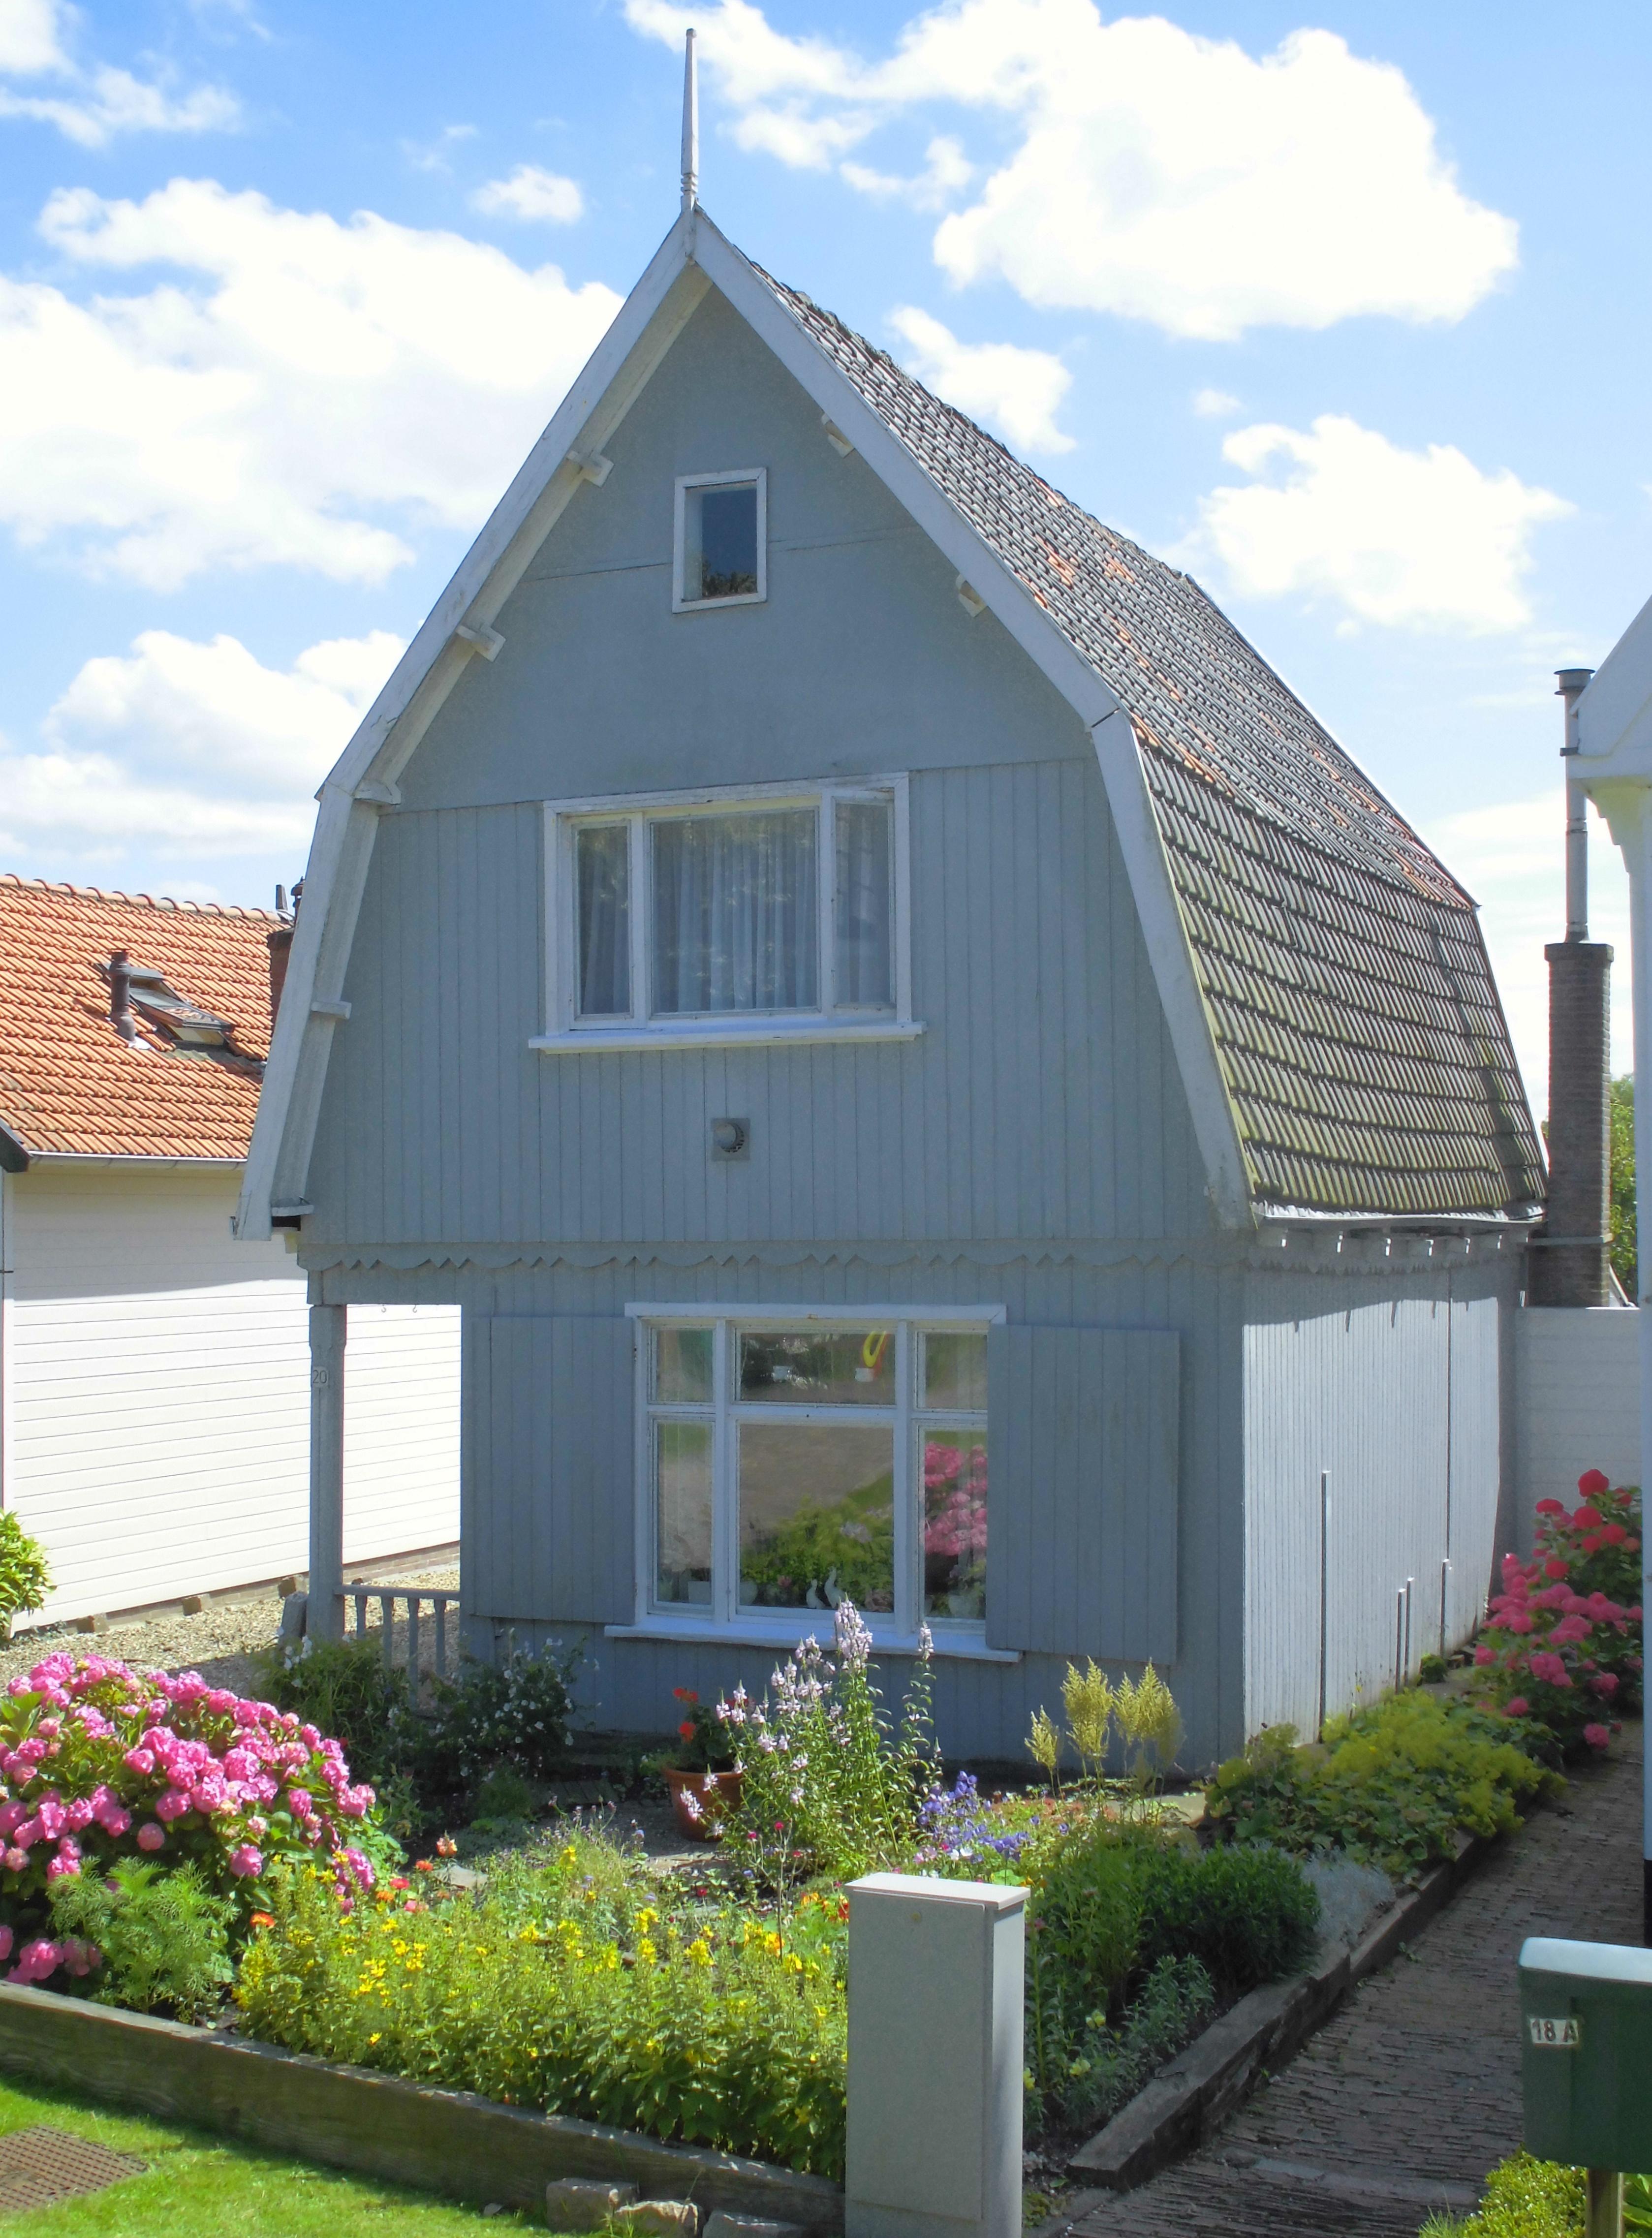 Houten huis met zolderverdieping onder hoge mansardekap geschulpte rand tussen begane grond en - Tussen huis ...